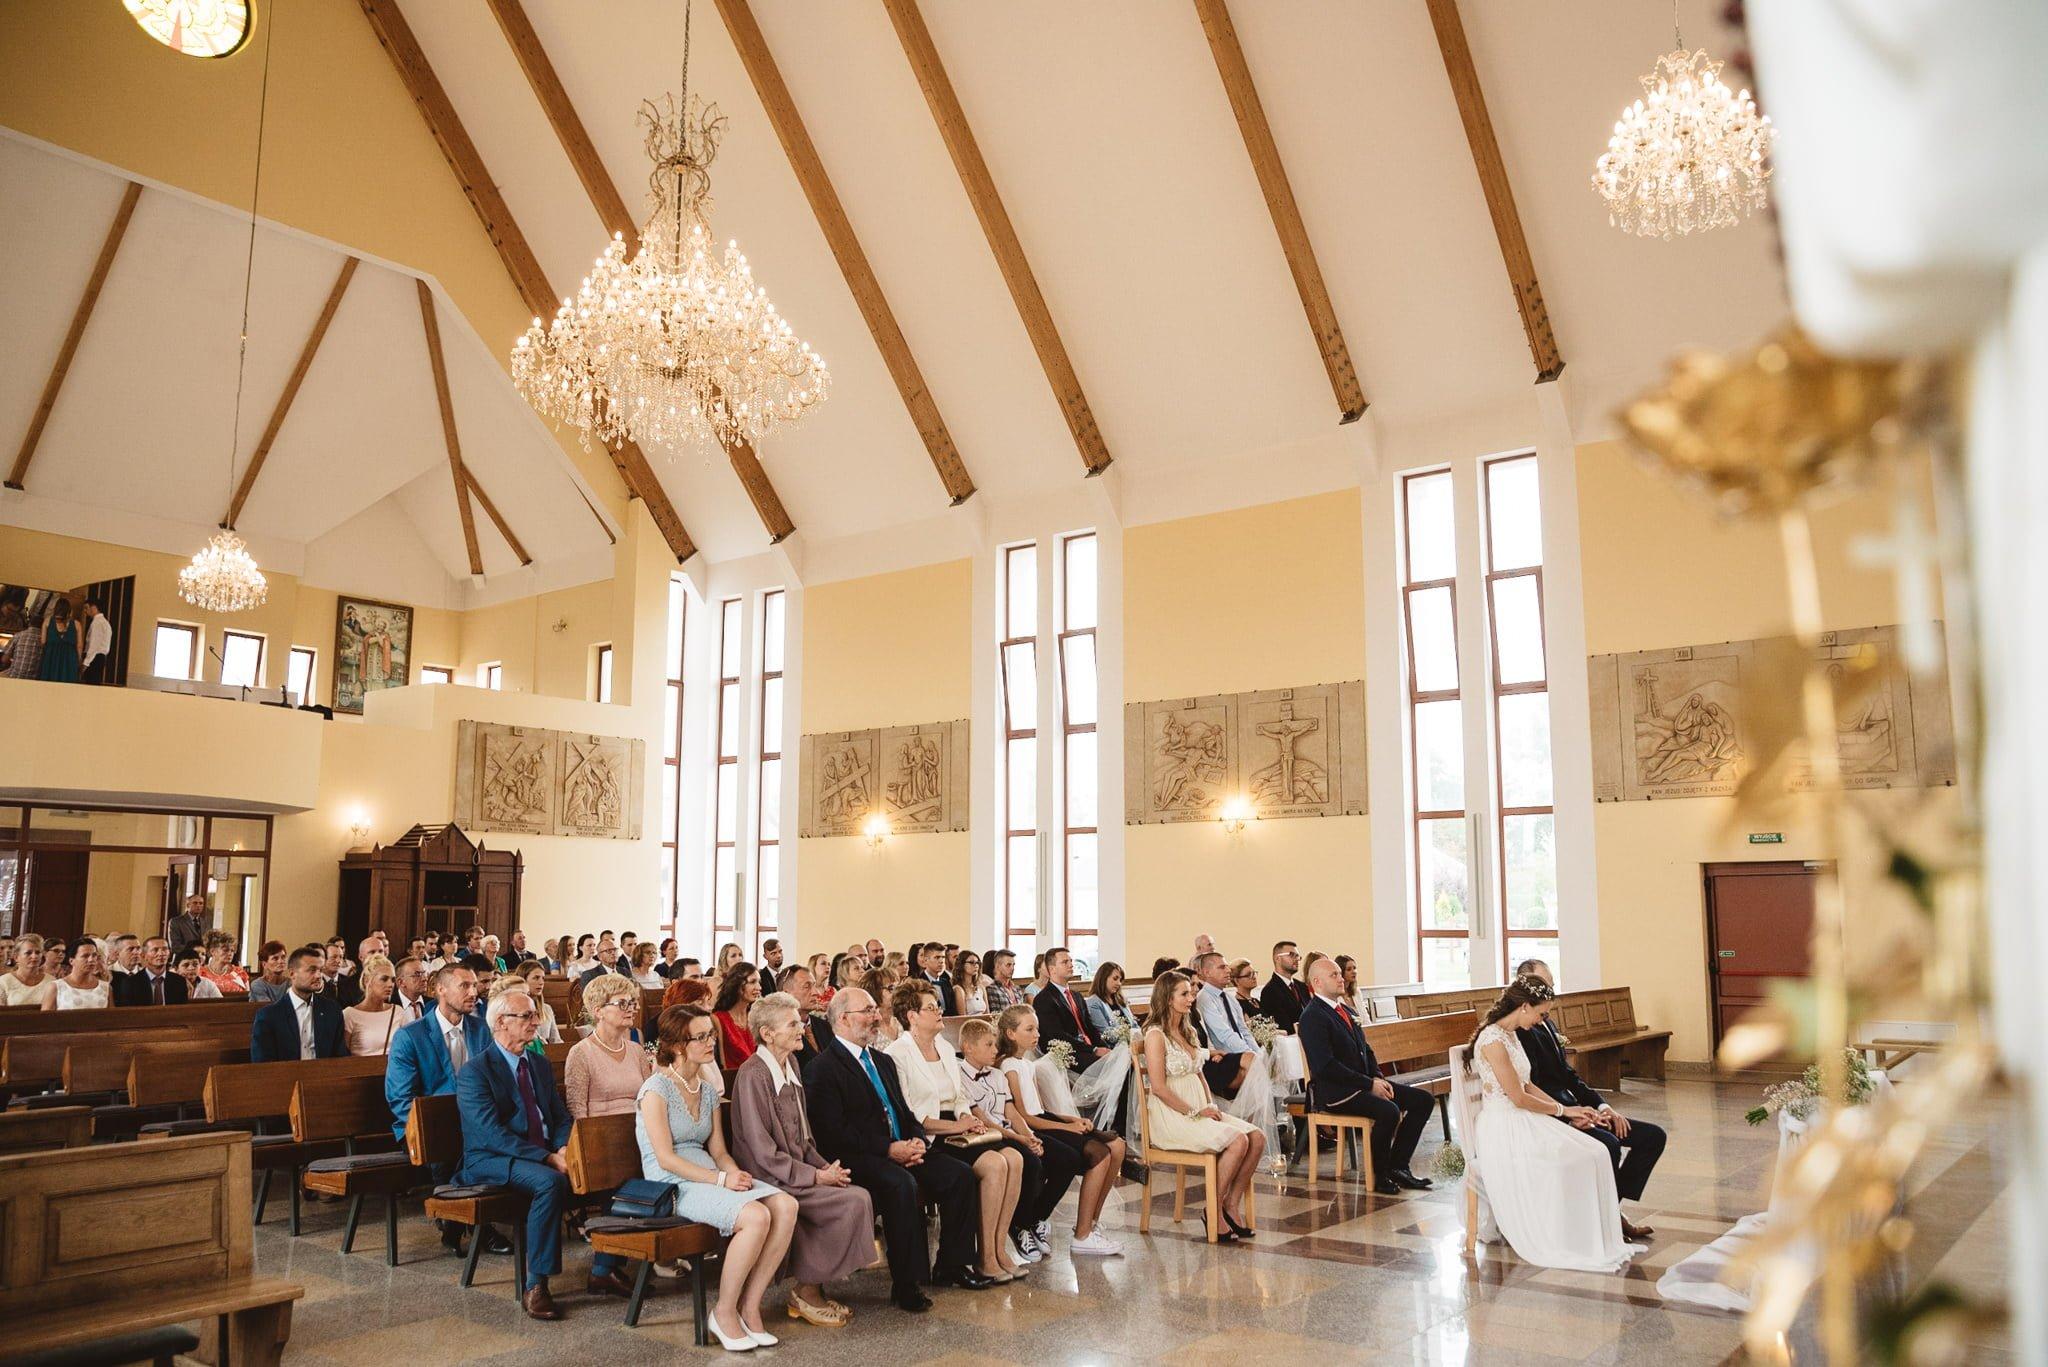 Ala i Arek, czyli jak zorganizować ślub i wesele w 4 tygodnie! 113